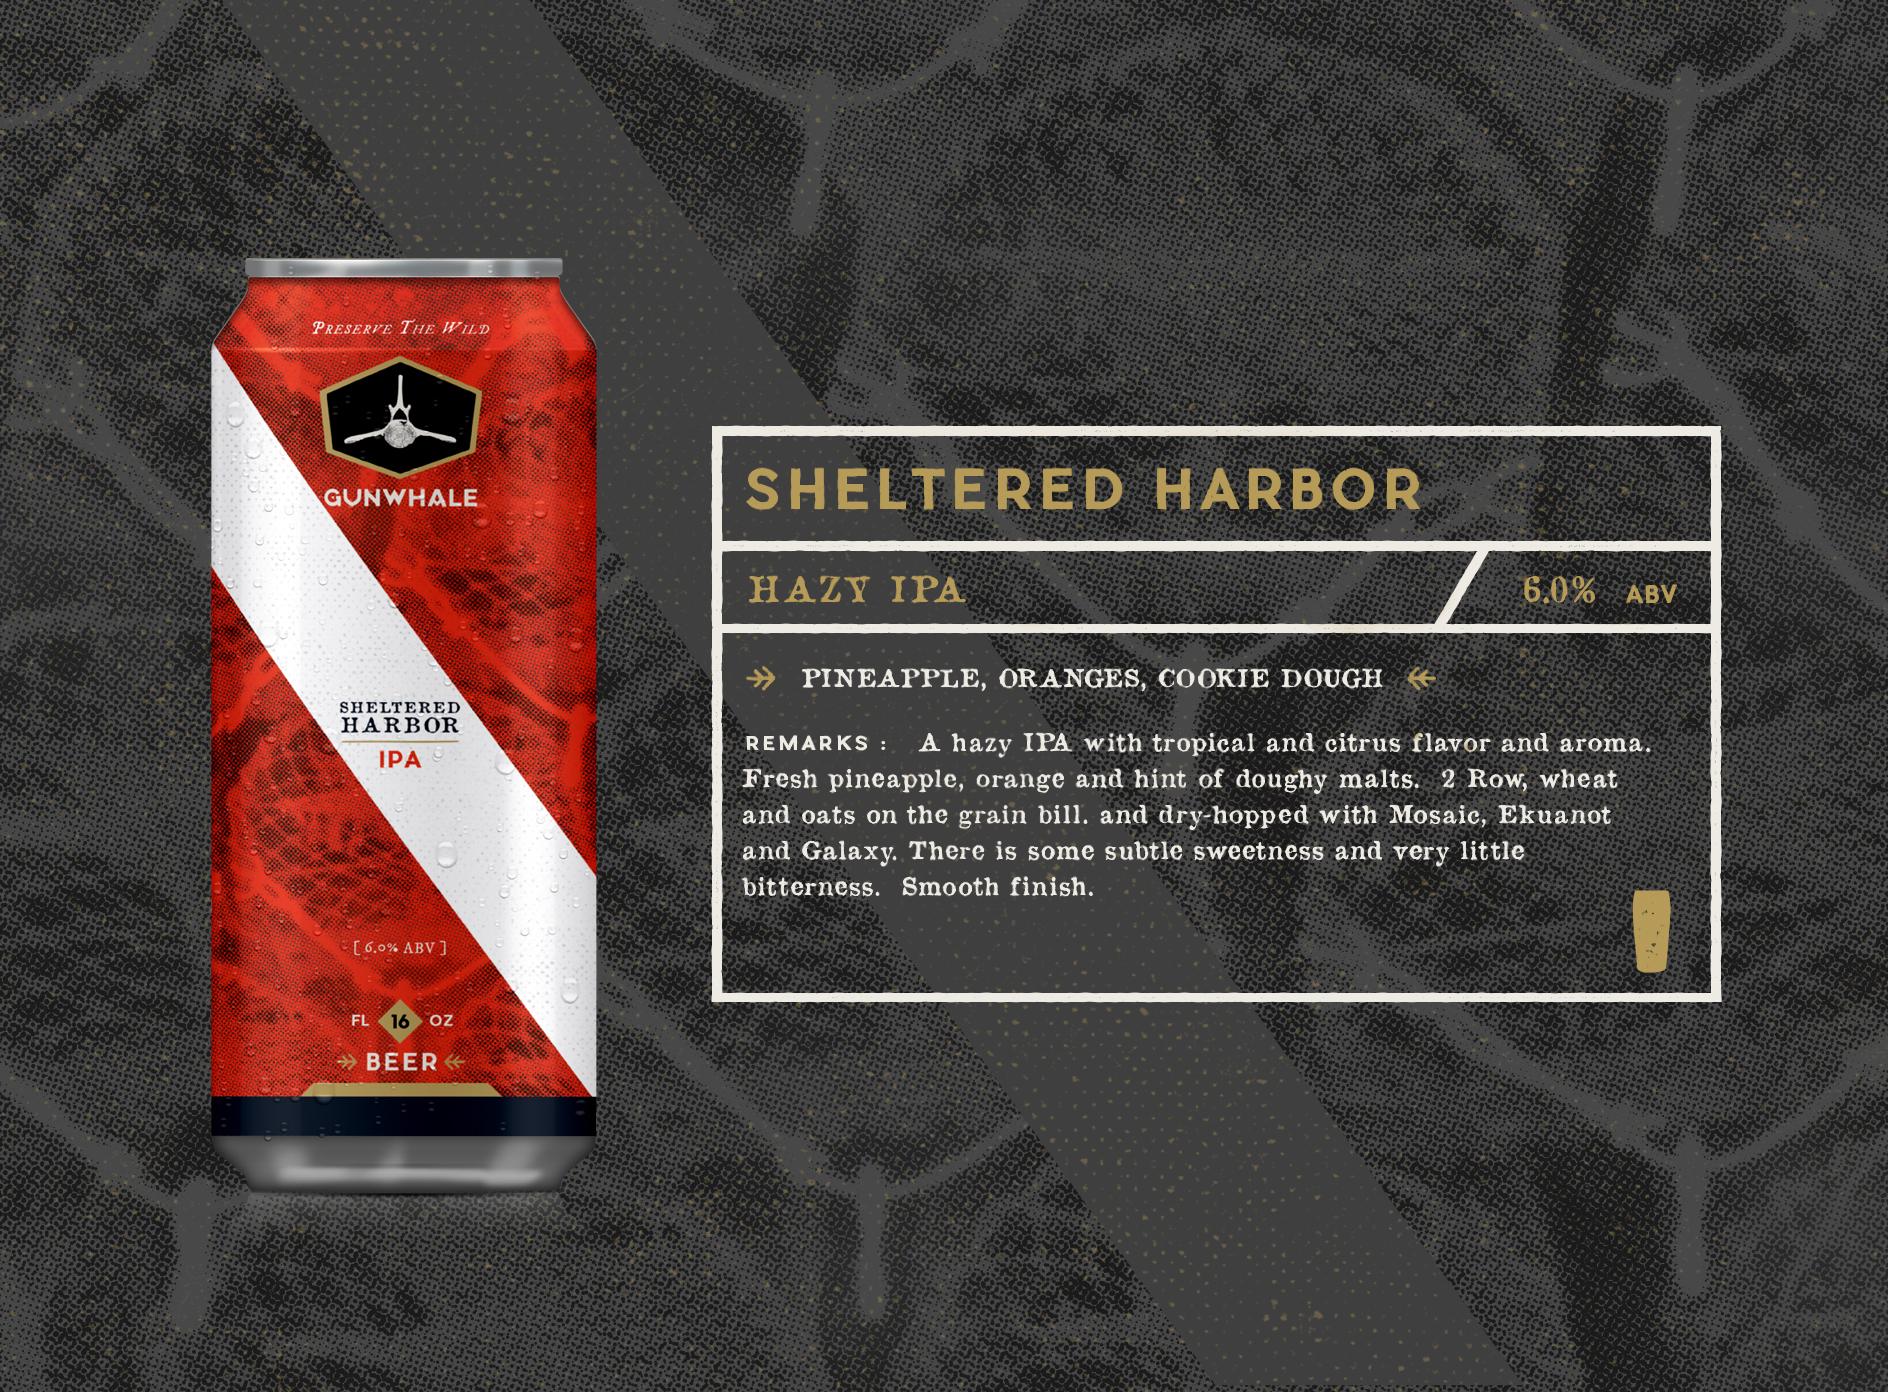 SHELTERED HARBOR